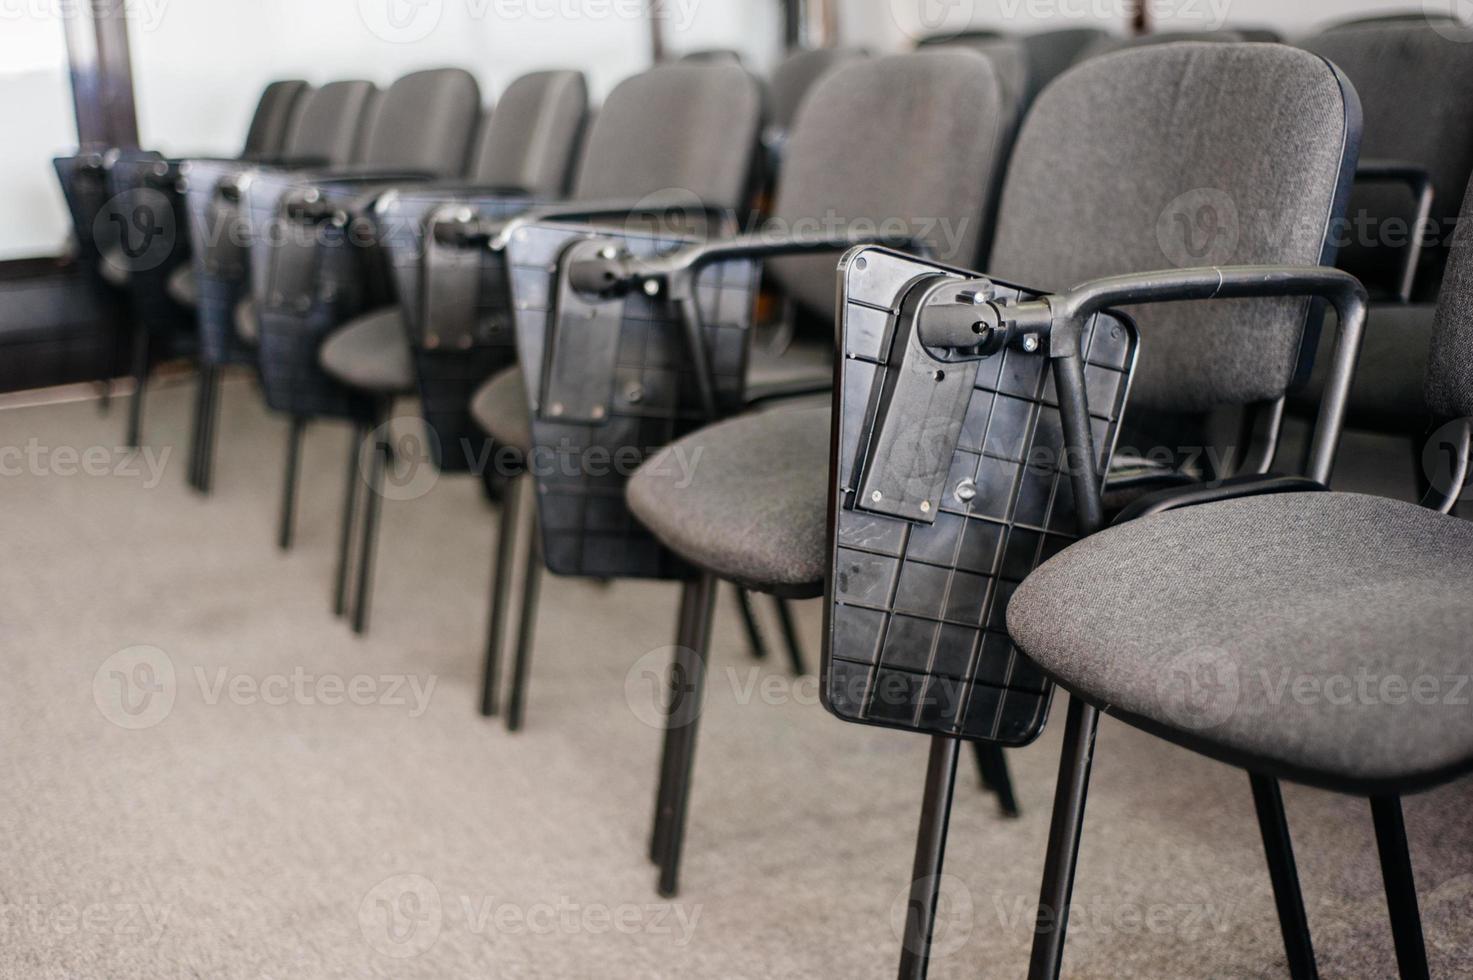 Stuhlreihe in der Konferenz der Universität foto